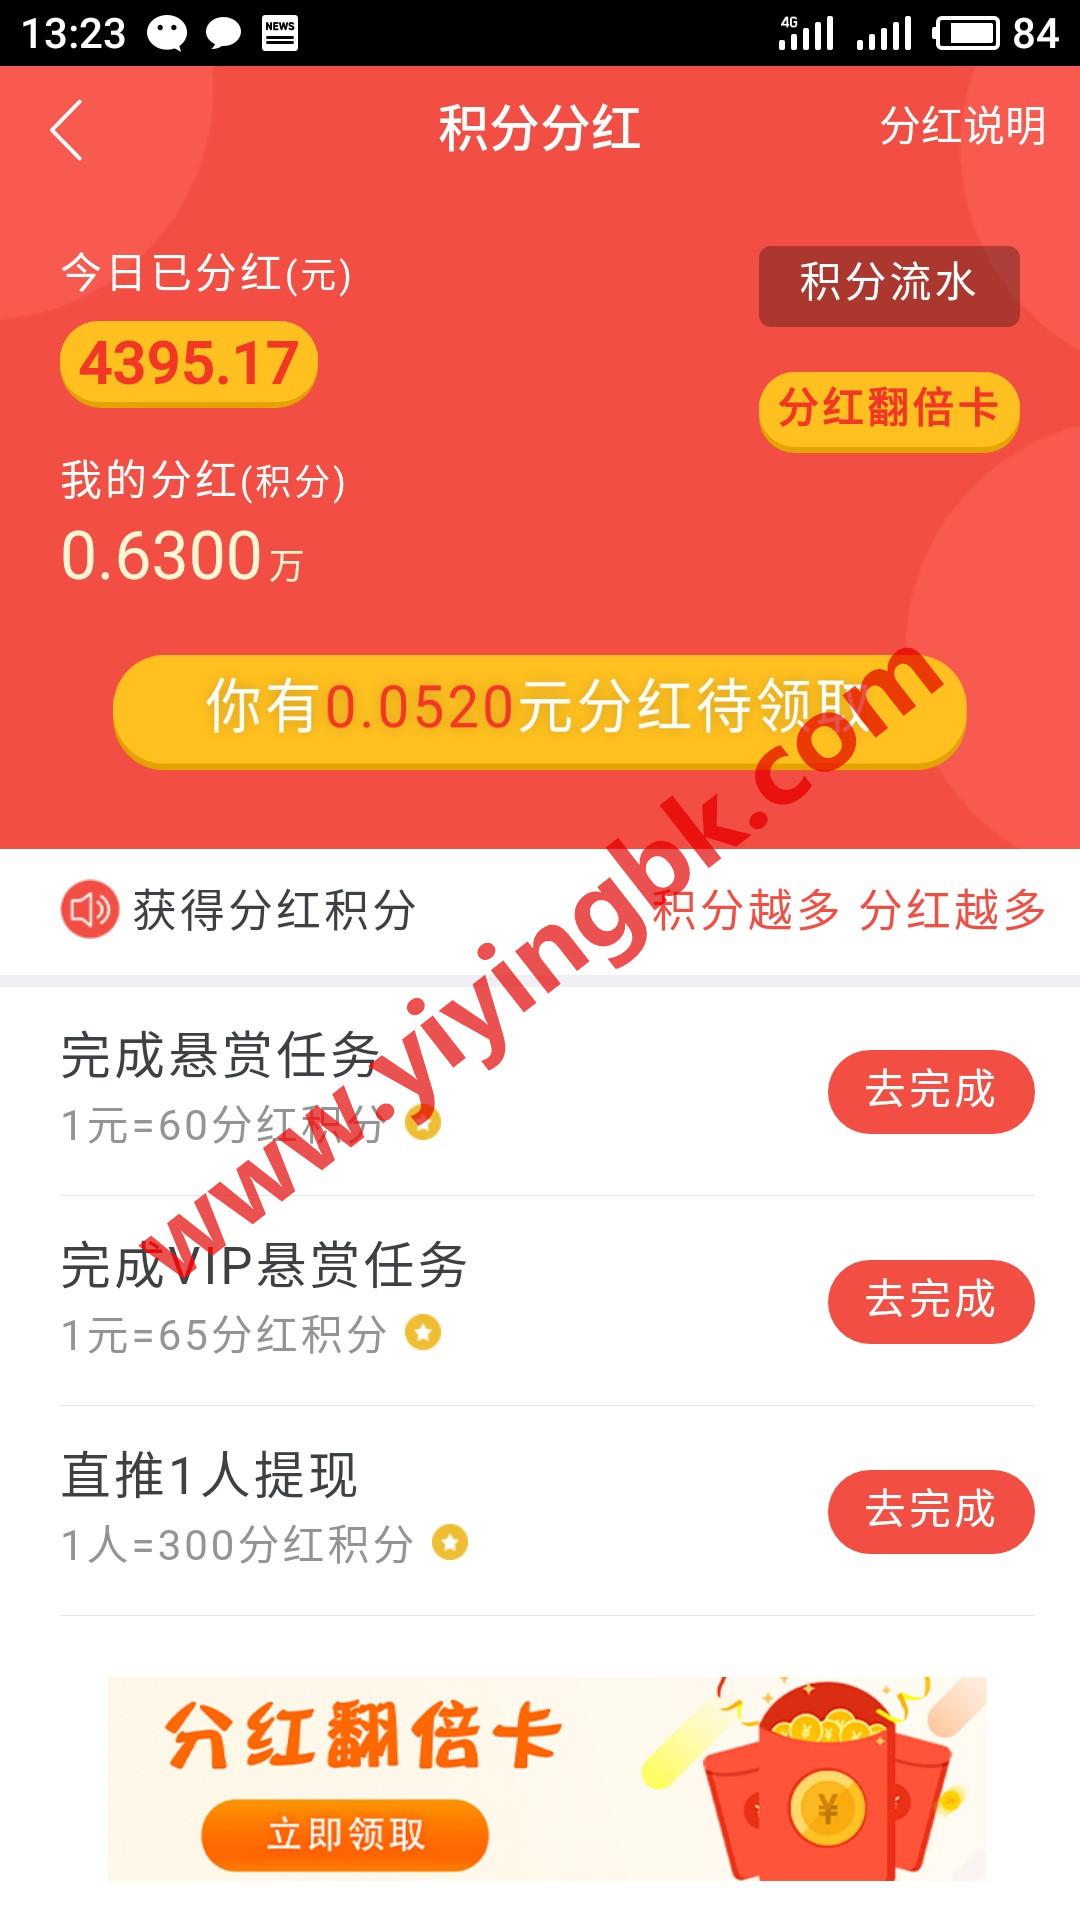 积分分红,微信和支付宝提现秒到账,www.yiyingbk.com